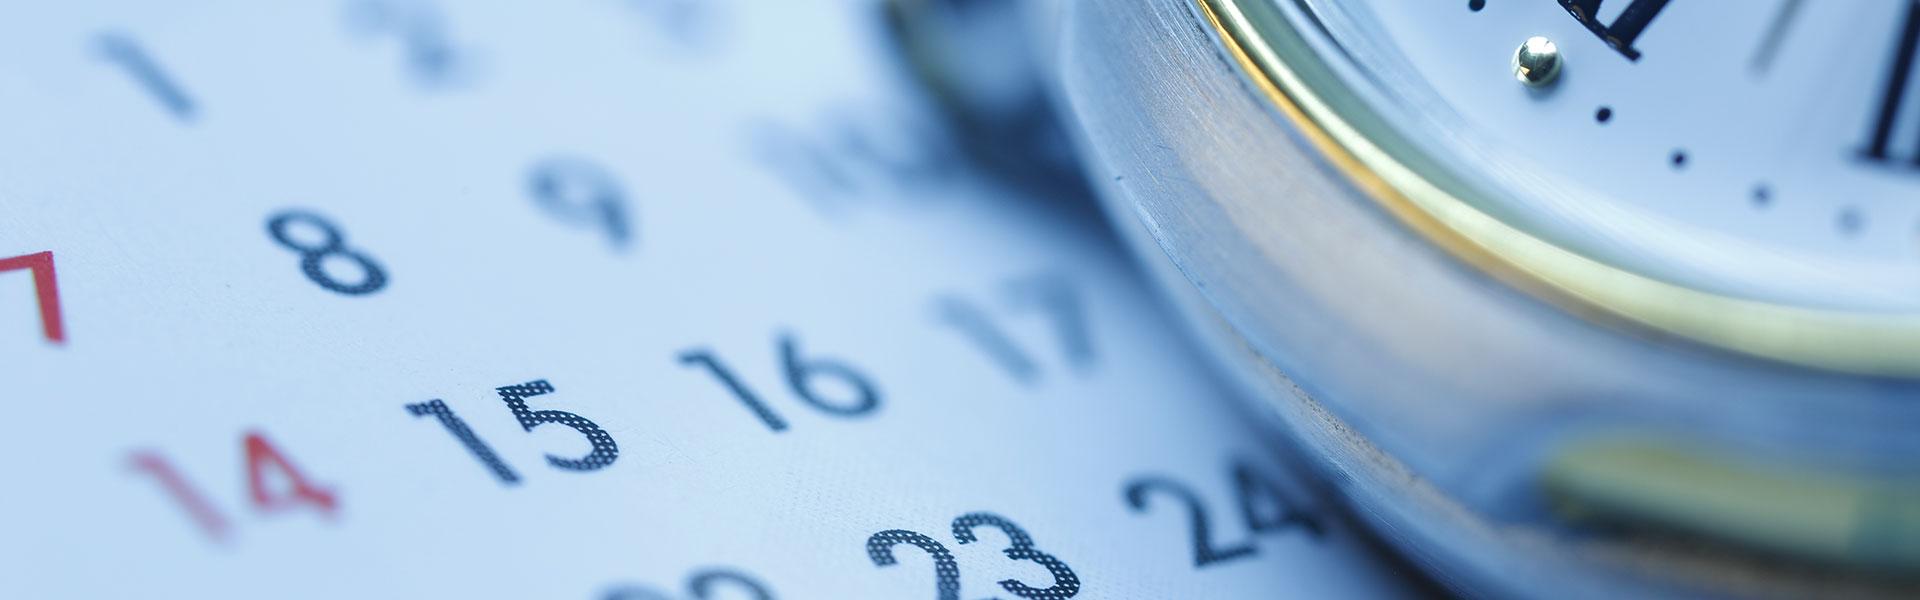 nserisci i calendari nel Tuo sito web, forum o blog